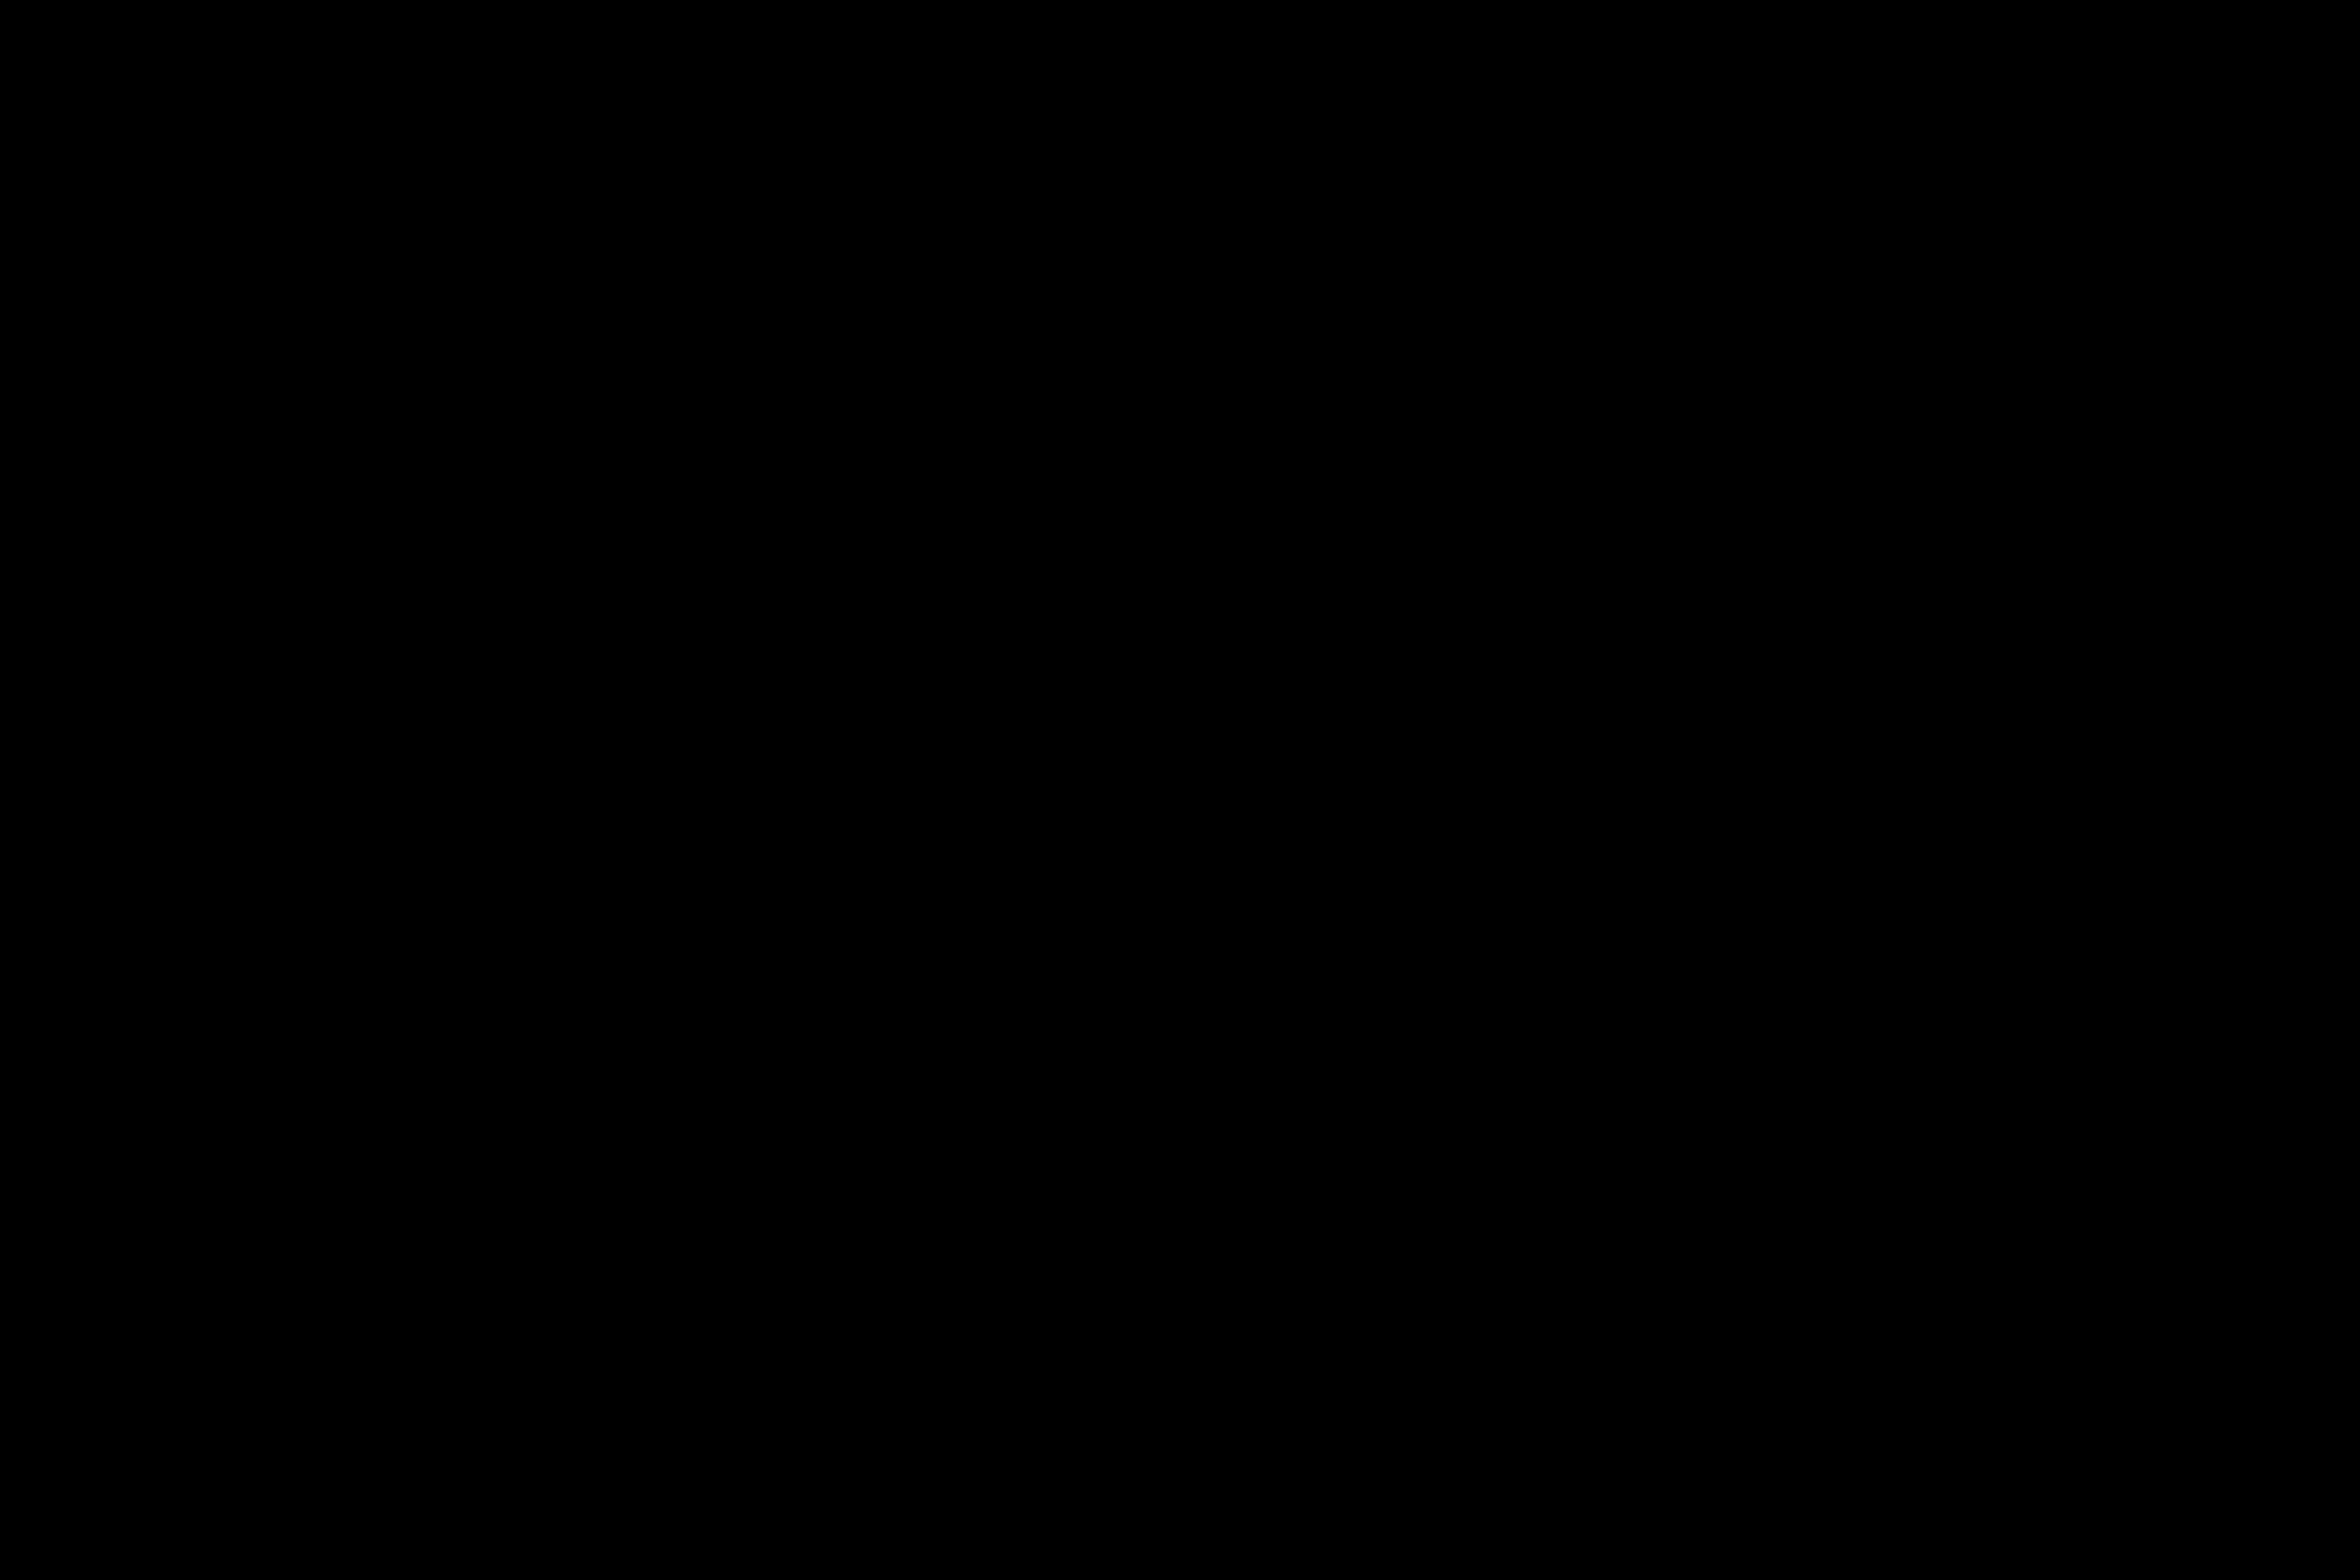 austin-neill-0wl2qb19inq-unsplash